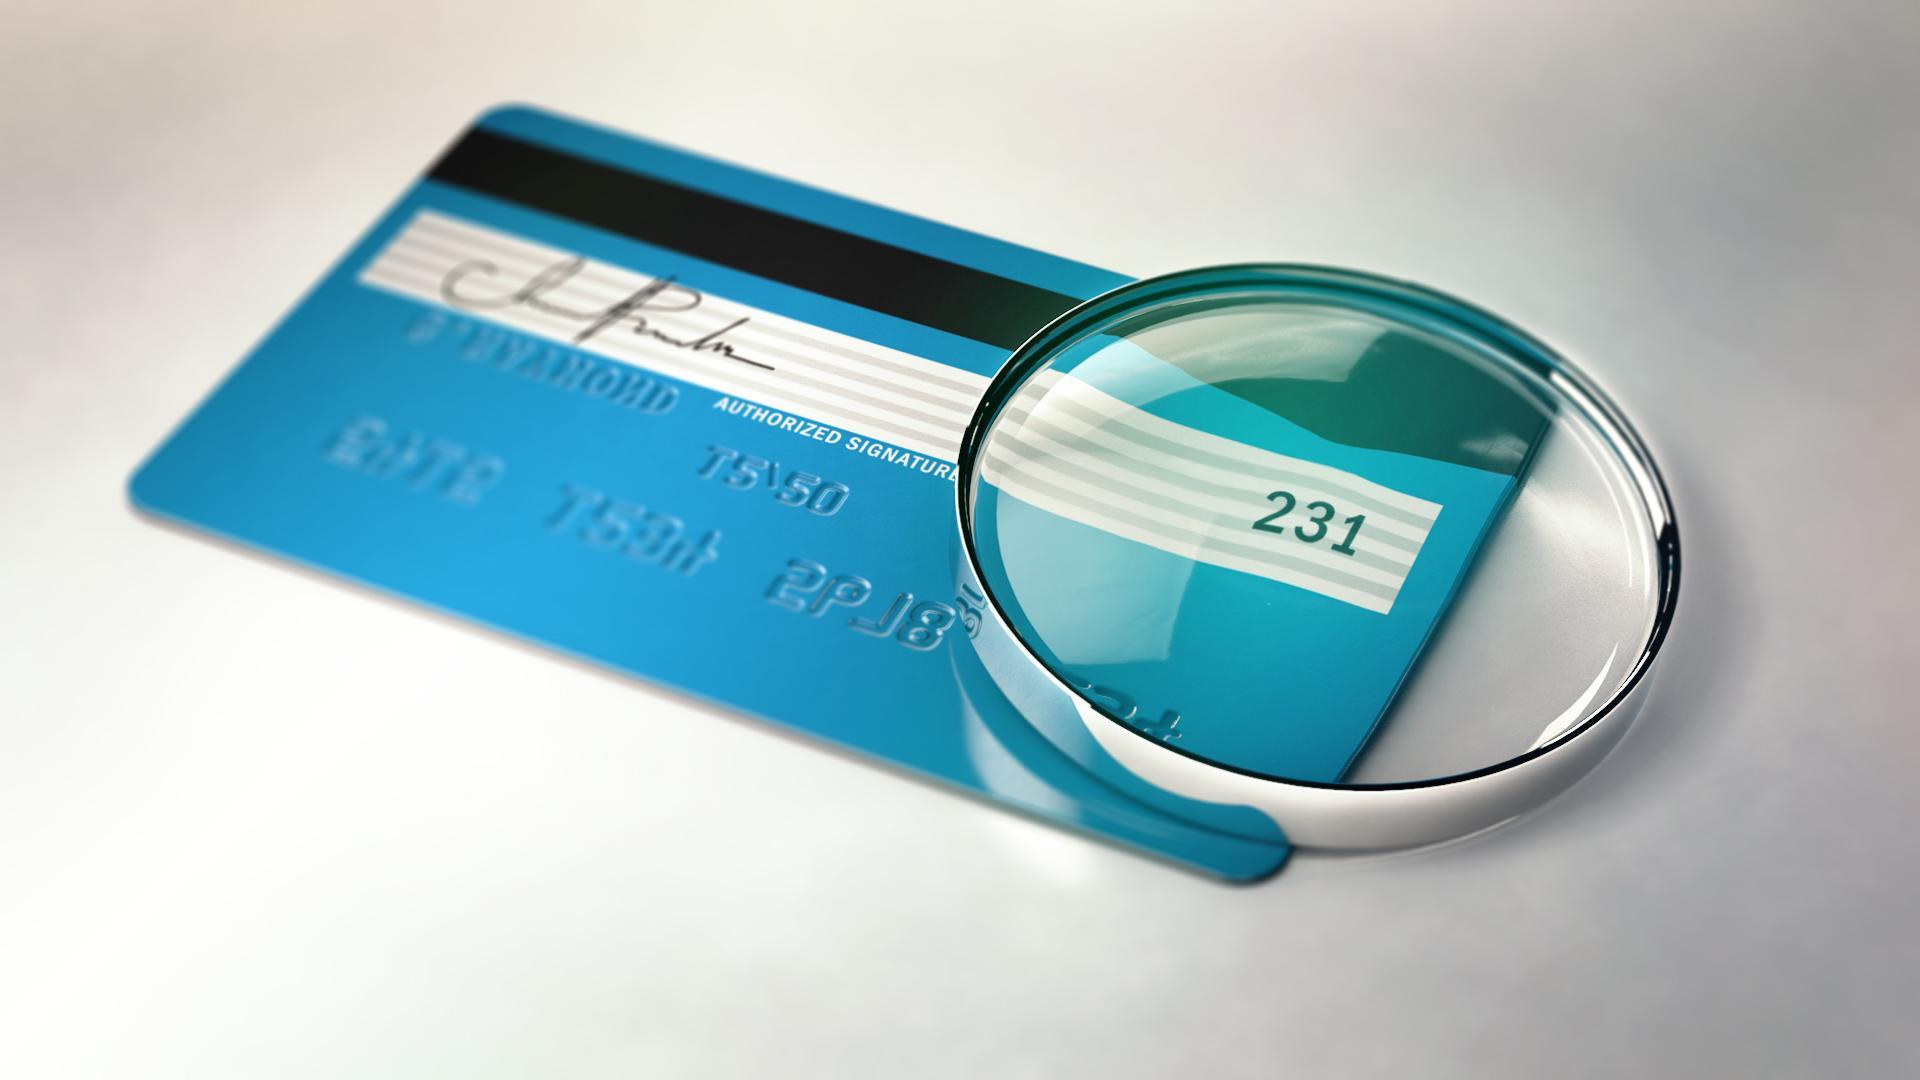 How to Find Credit Card CVV Number?